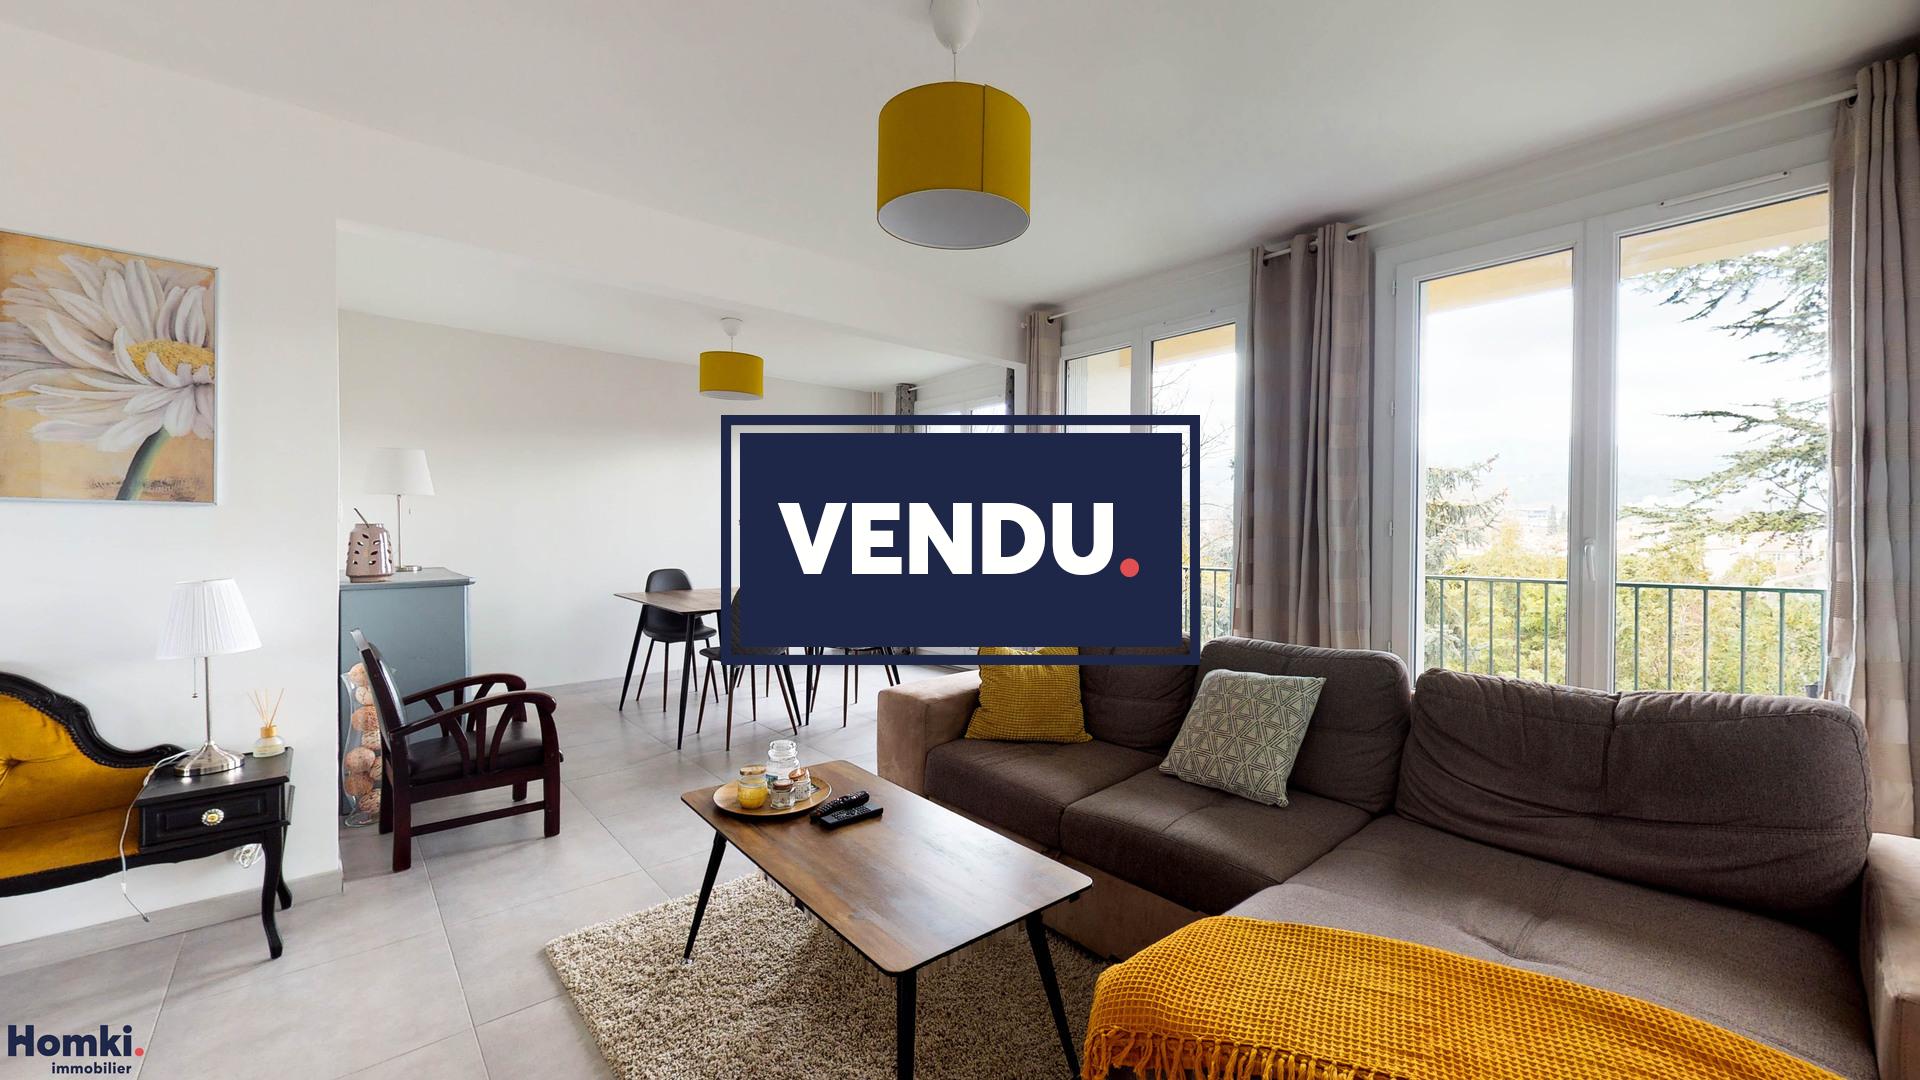 Vente Appartement 76 m² T4 13120_1